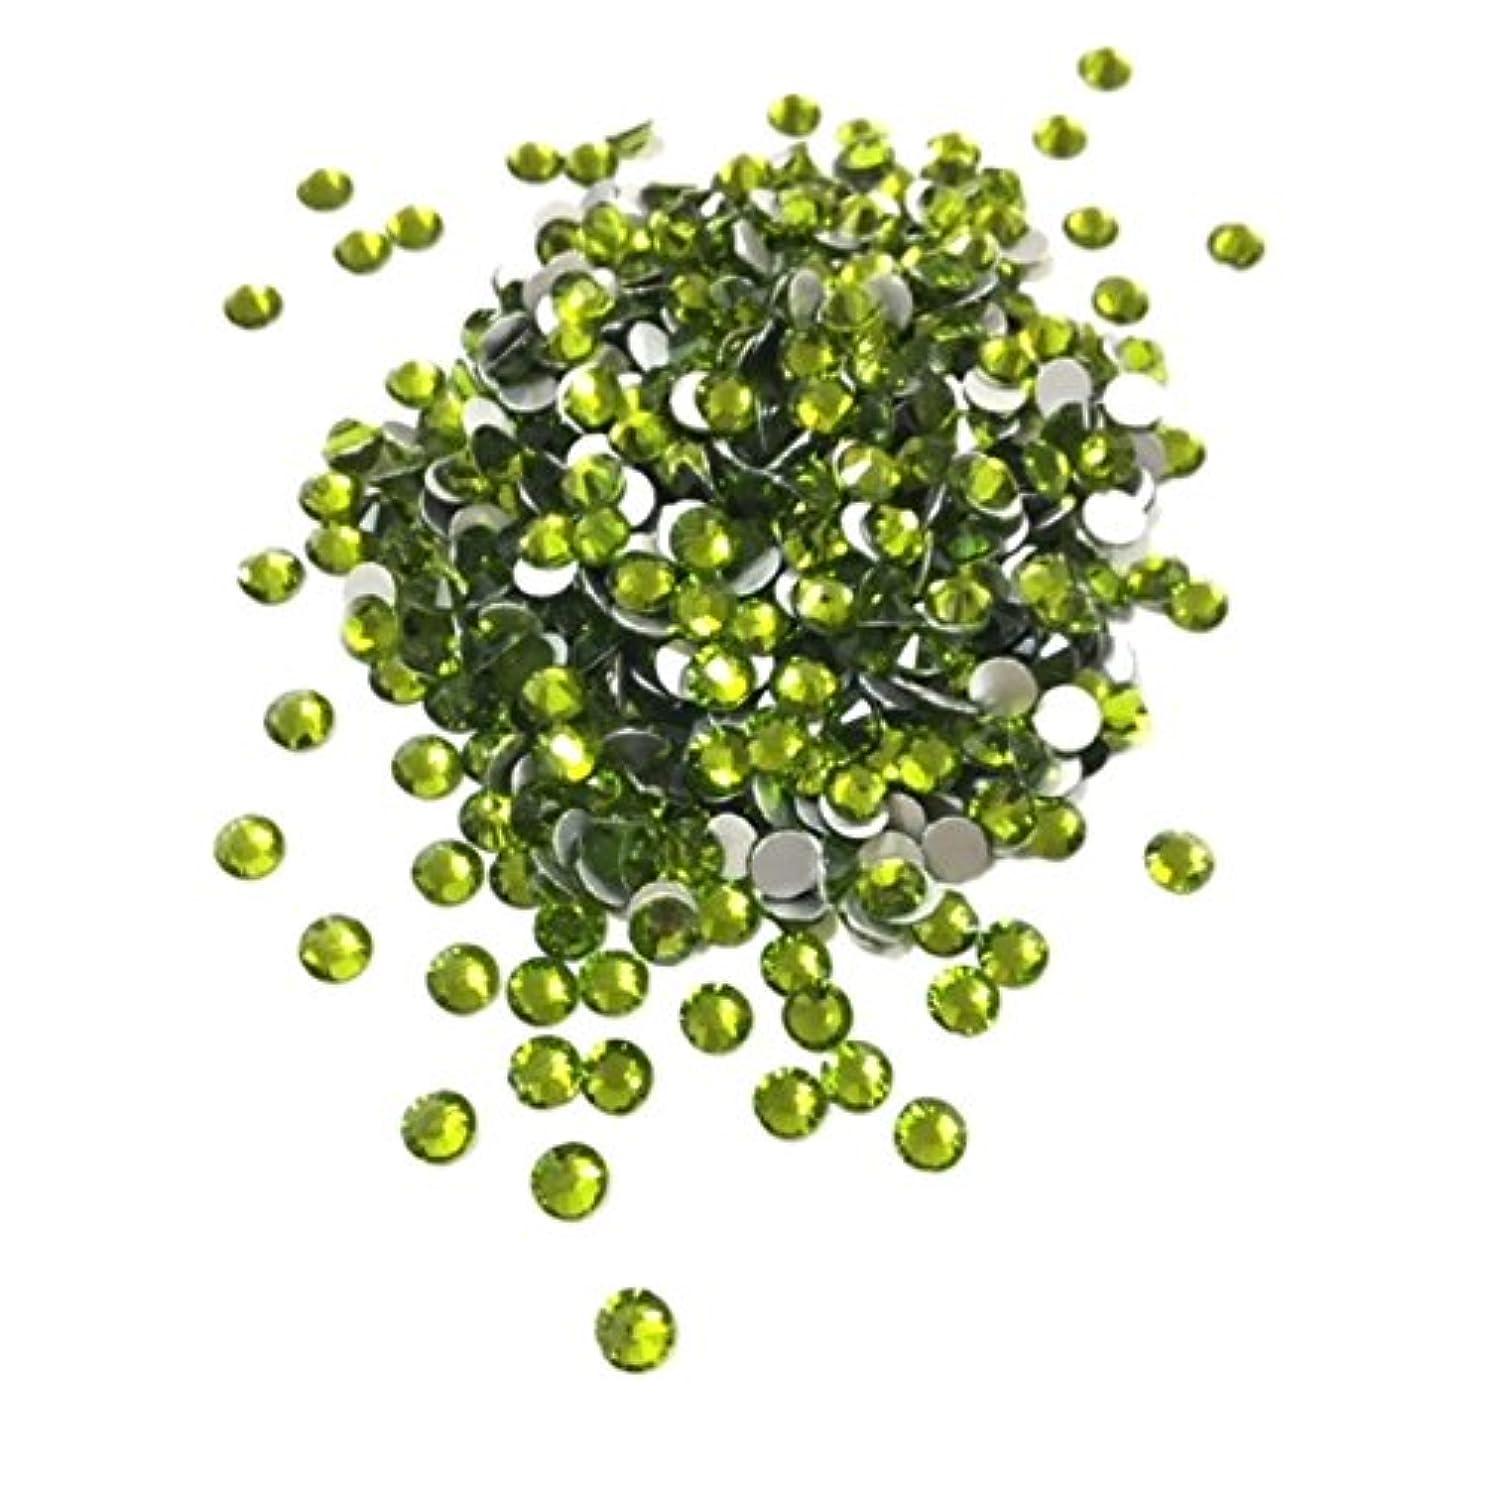 制裁ヒント反逆【ネイルウーマン】最高品質ガラスストーン!スワロ同等の輝き! オリーブ 緑 グリーン (約100粒入り) (SS8, オリーブ)